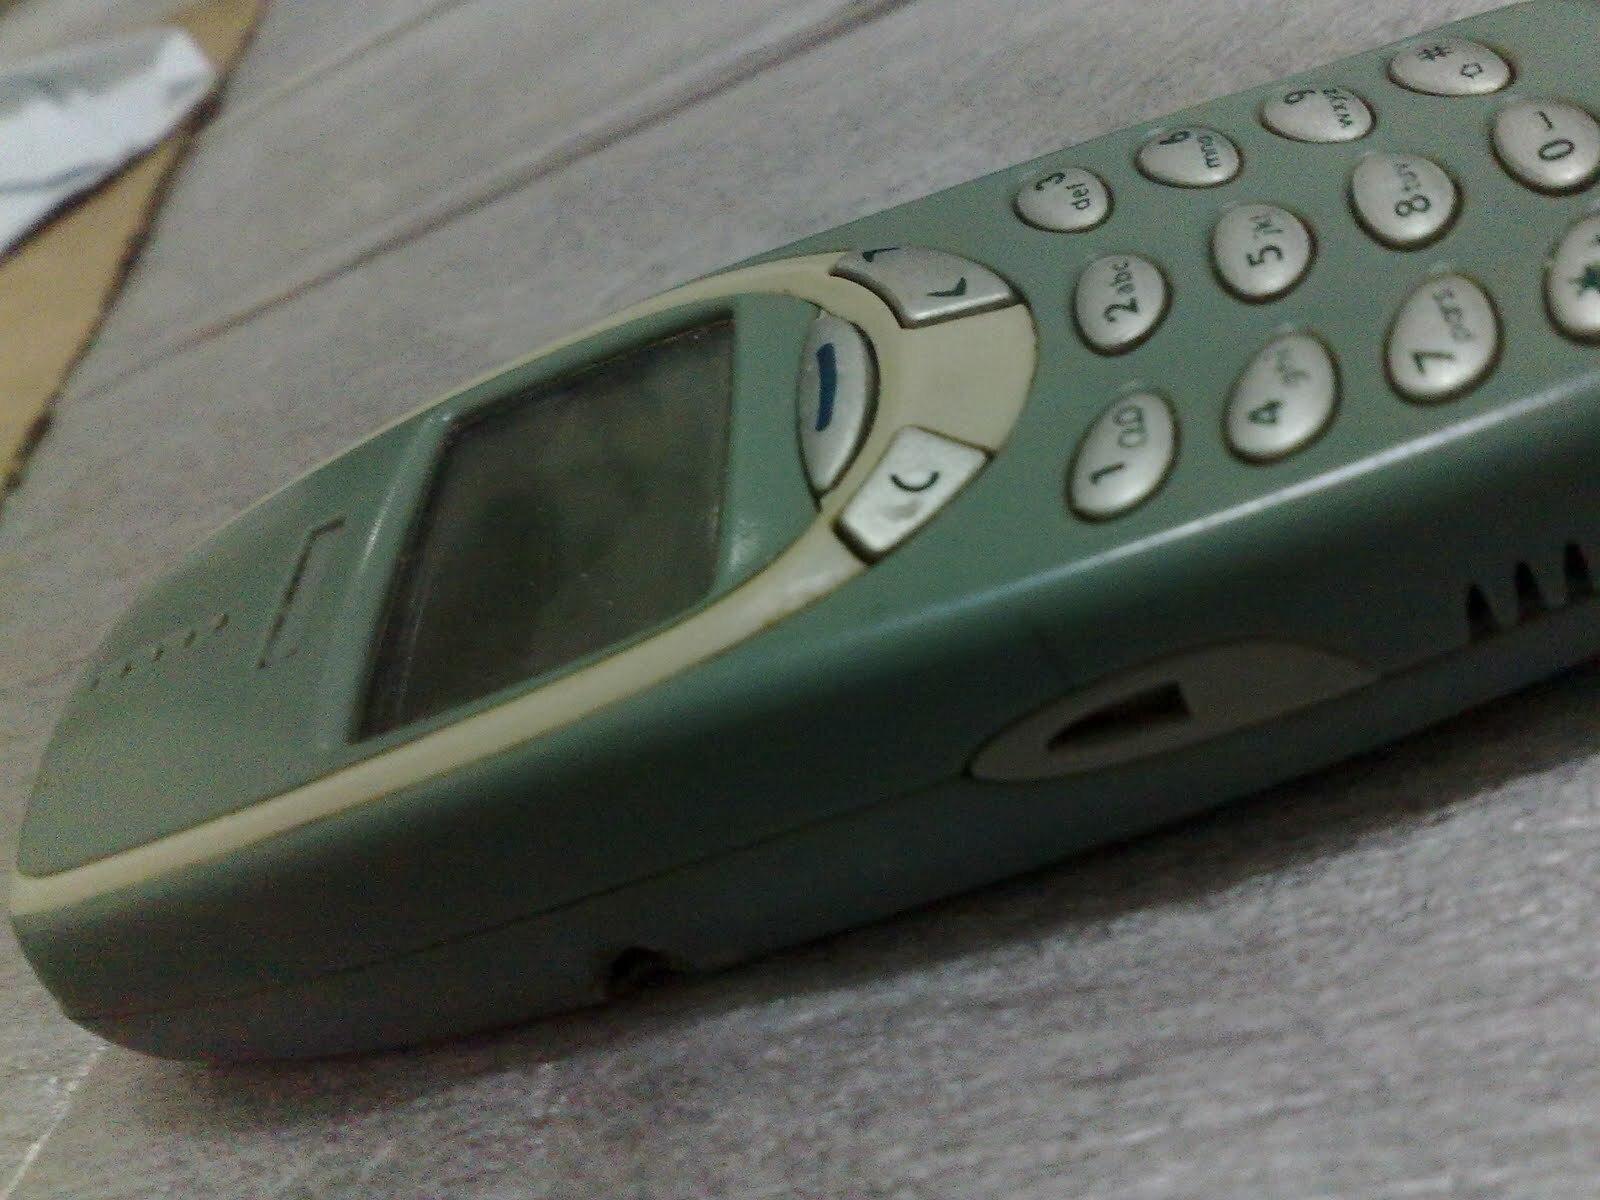 Le Nokia 3310 : une légende !